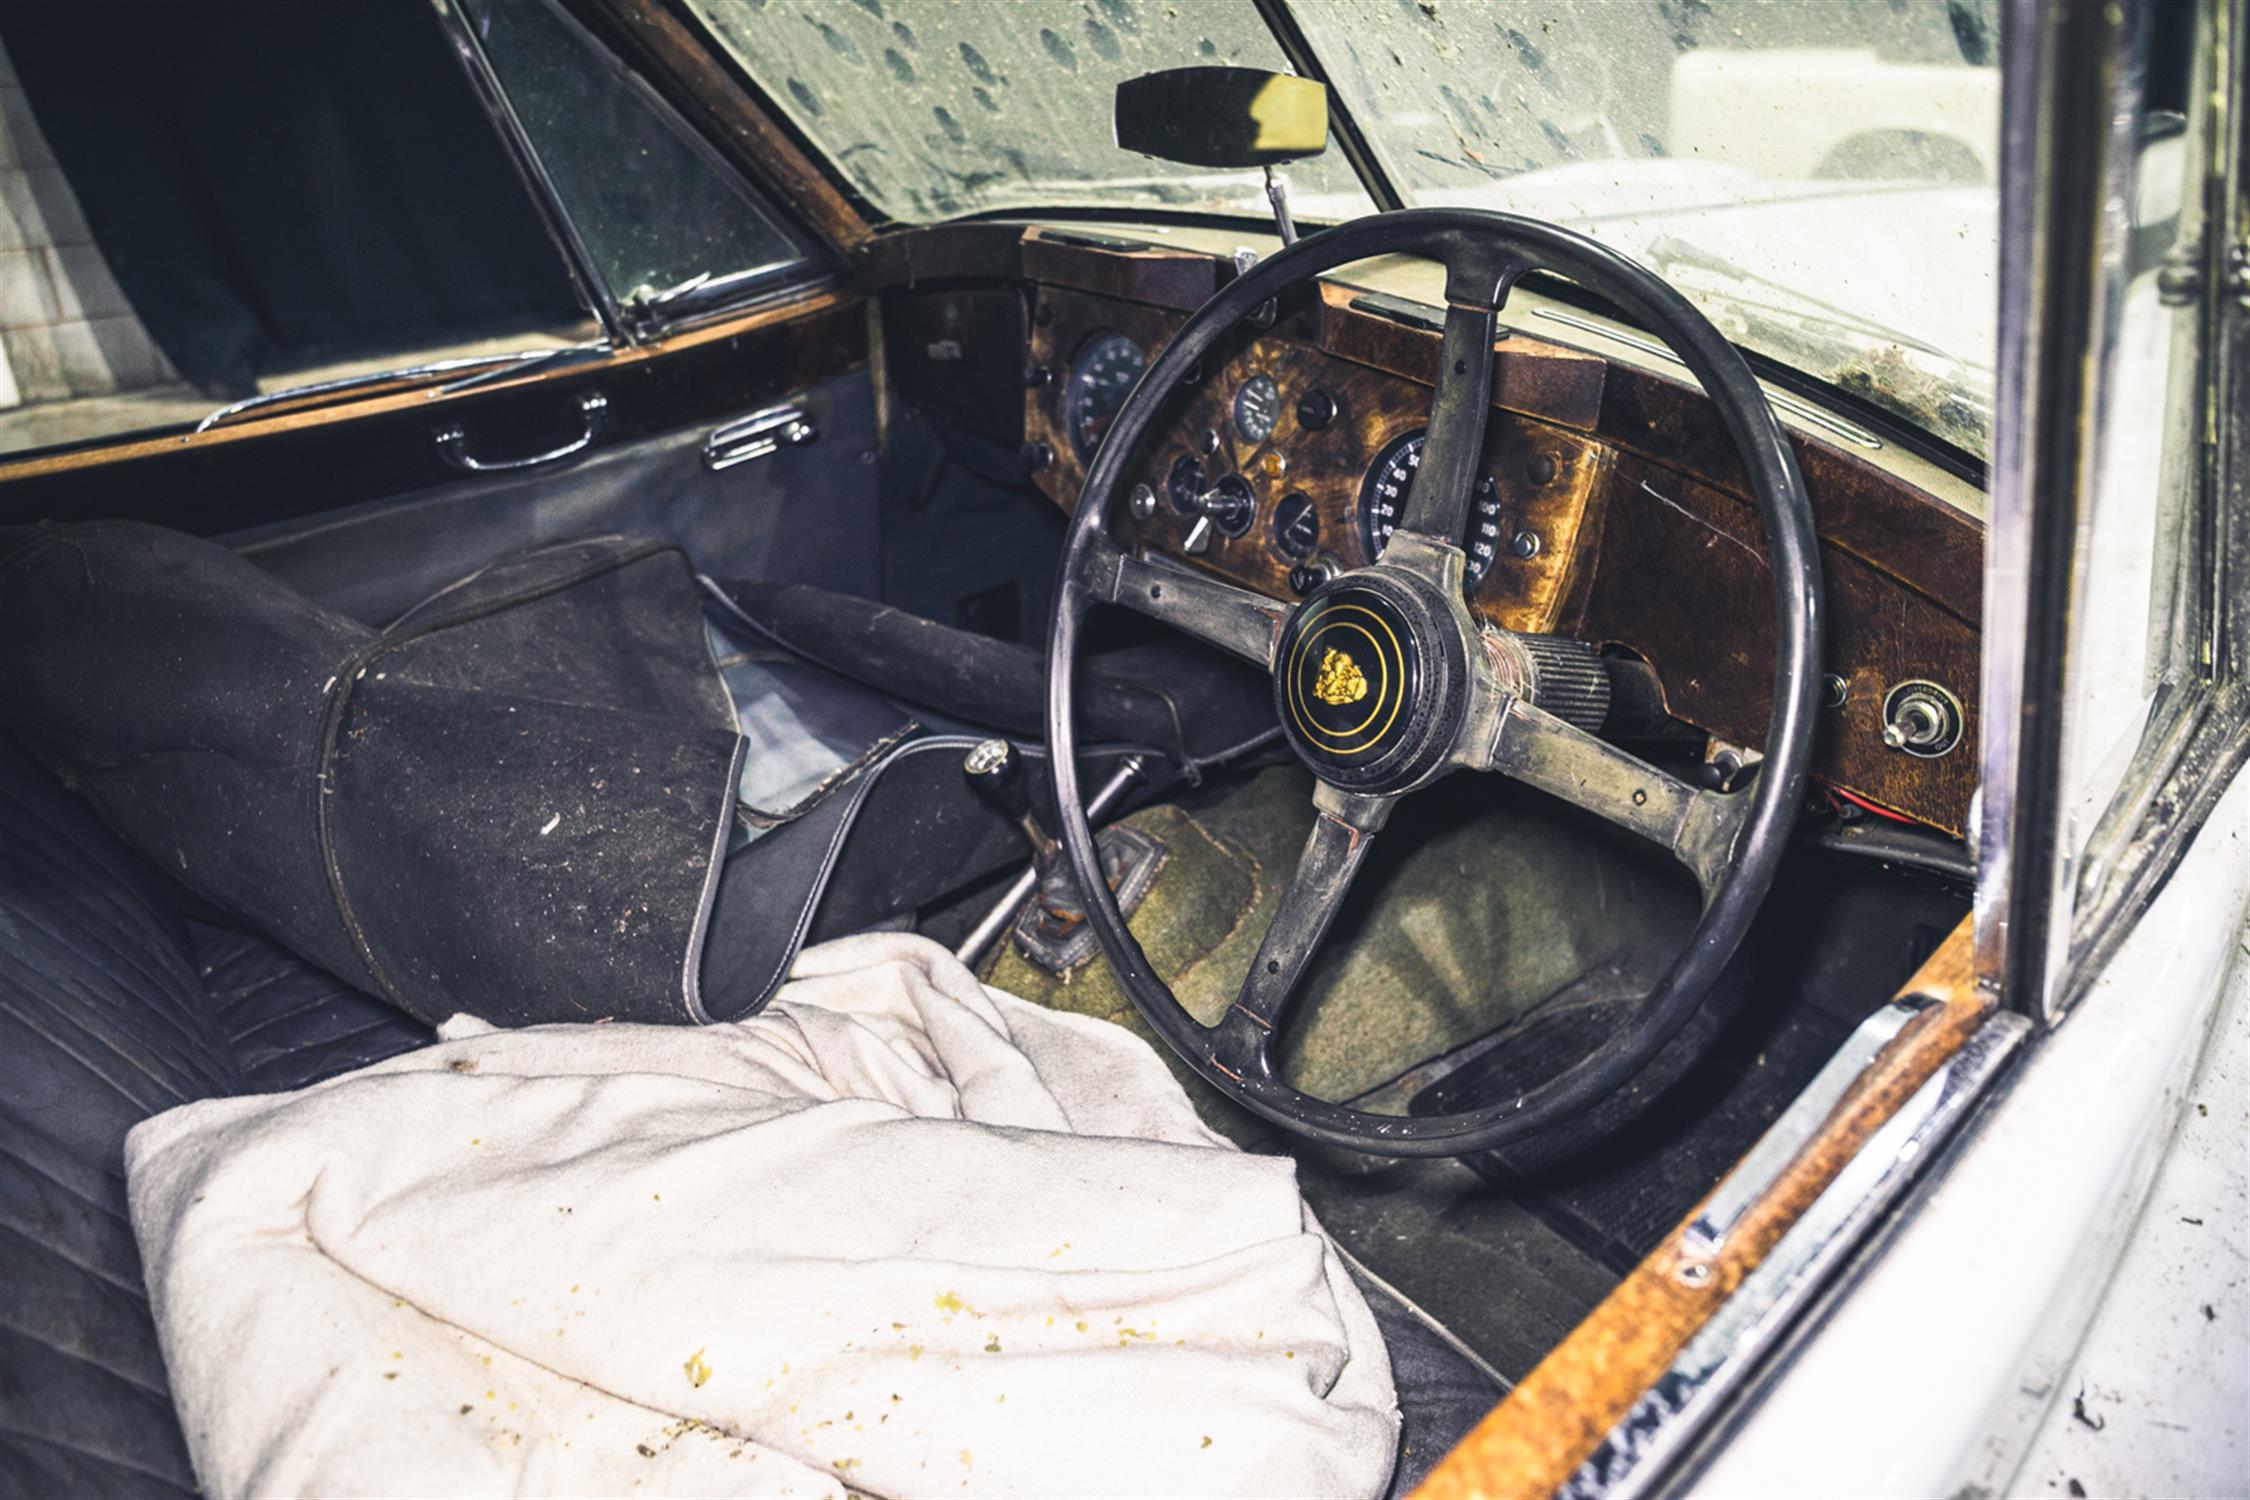 1955 Jaguar XK140 DHC - Image 2 of 10